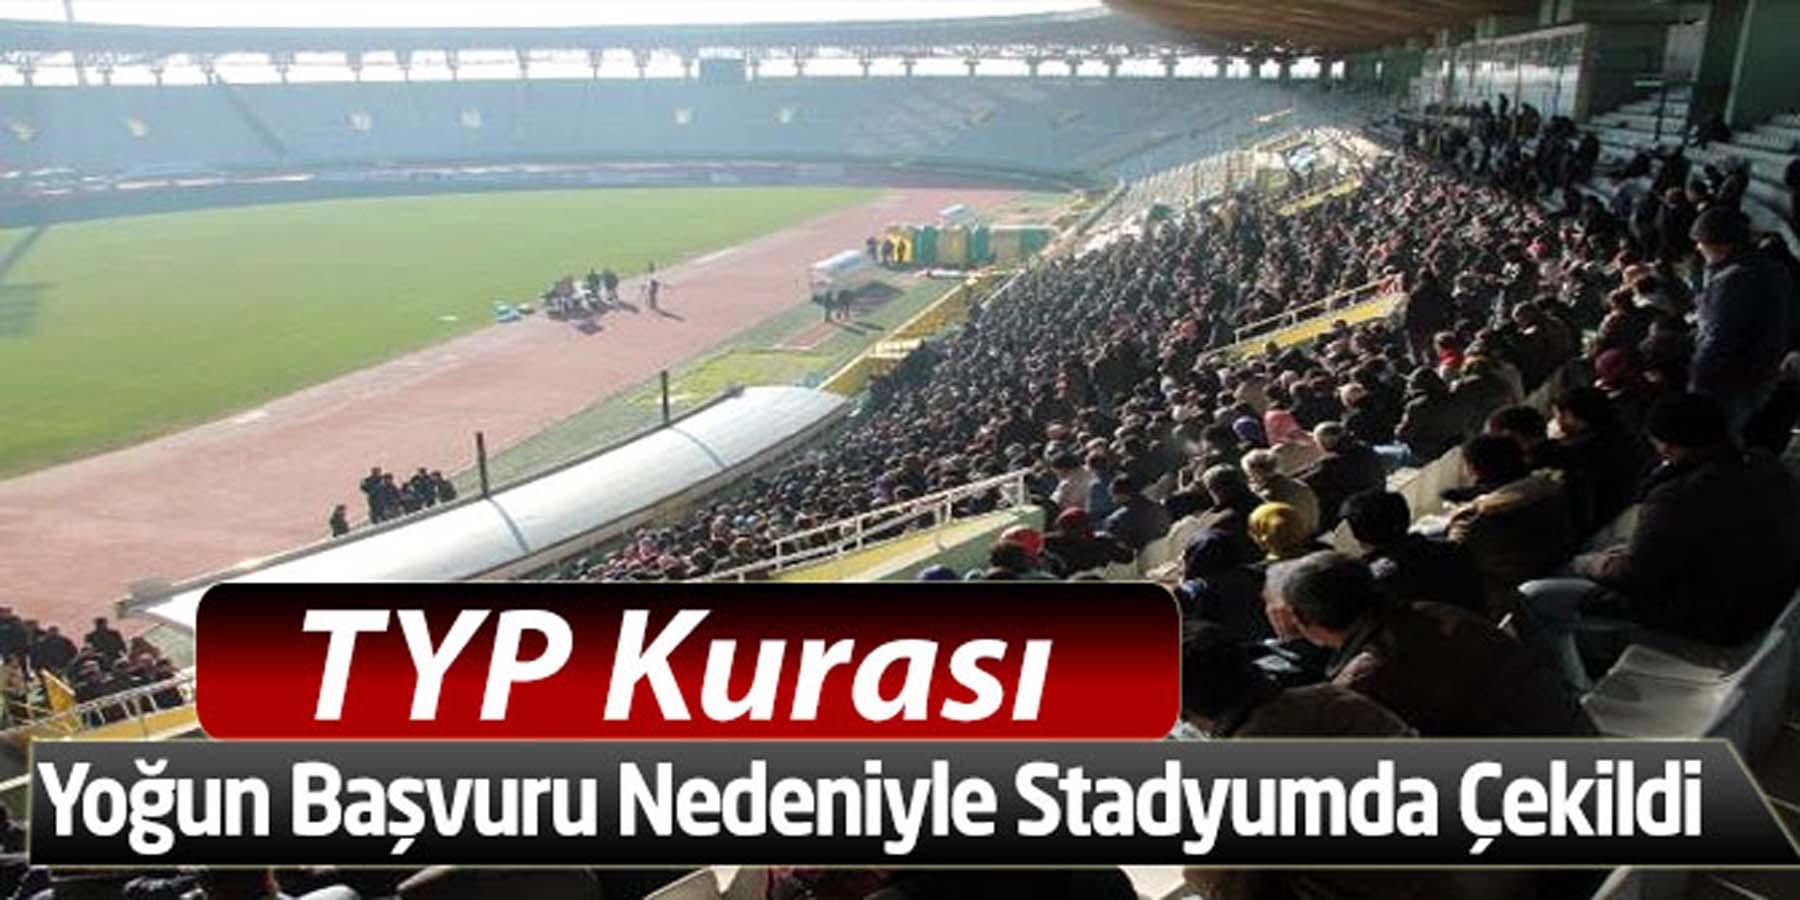 TYP Kurası Yoğun Başvuru Nedeniyle Stadyumda Çekildi